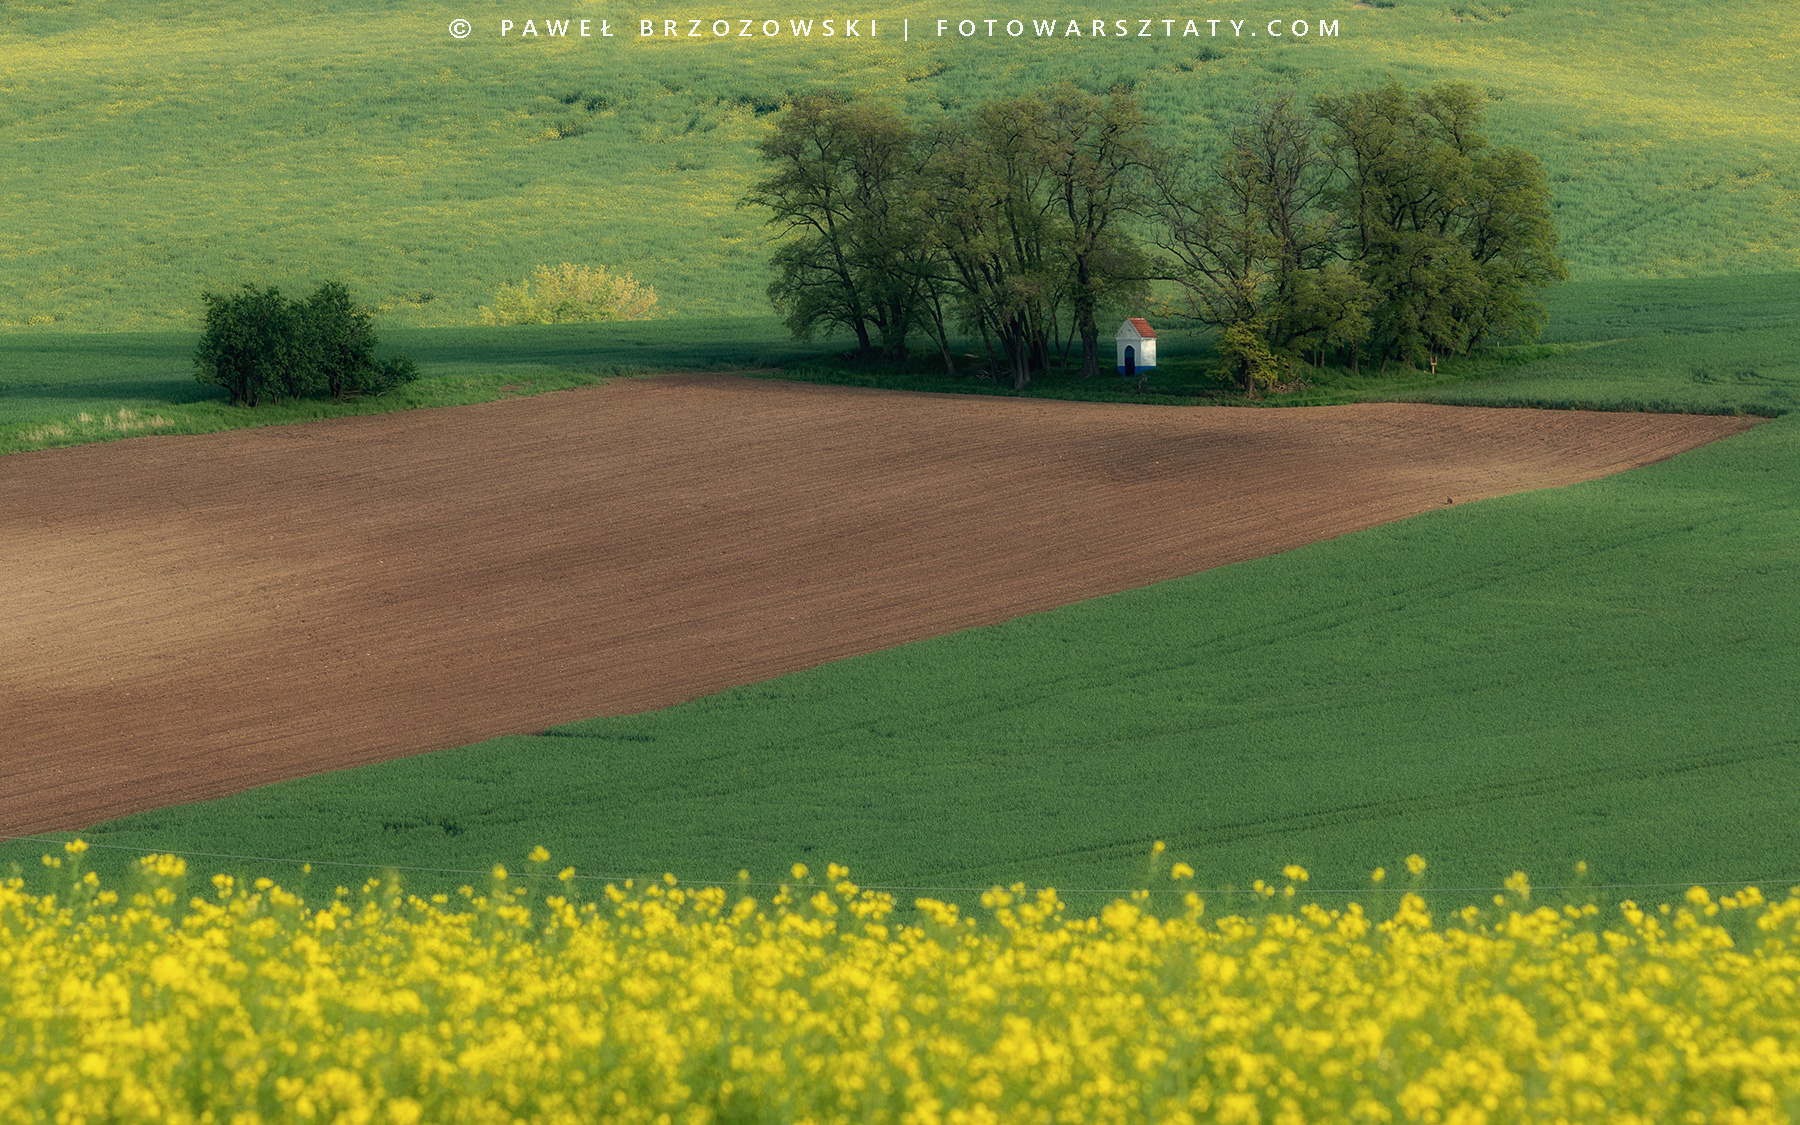 Faliste pola Moraw Południowych